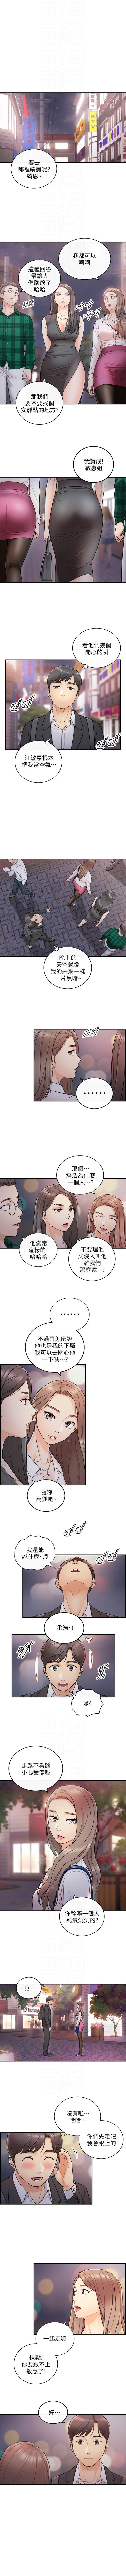 (週5)正妹小主管 1-39 中文翻譯(更新中) 89